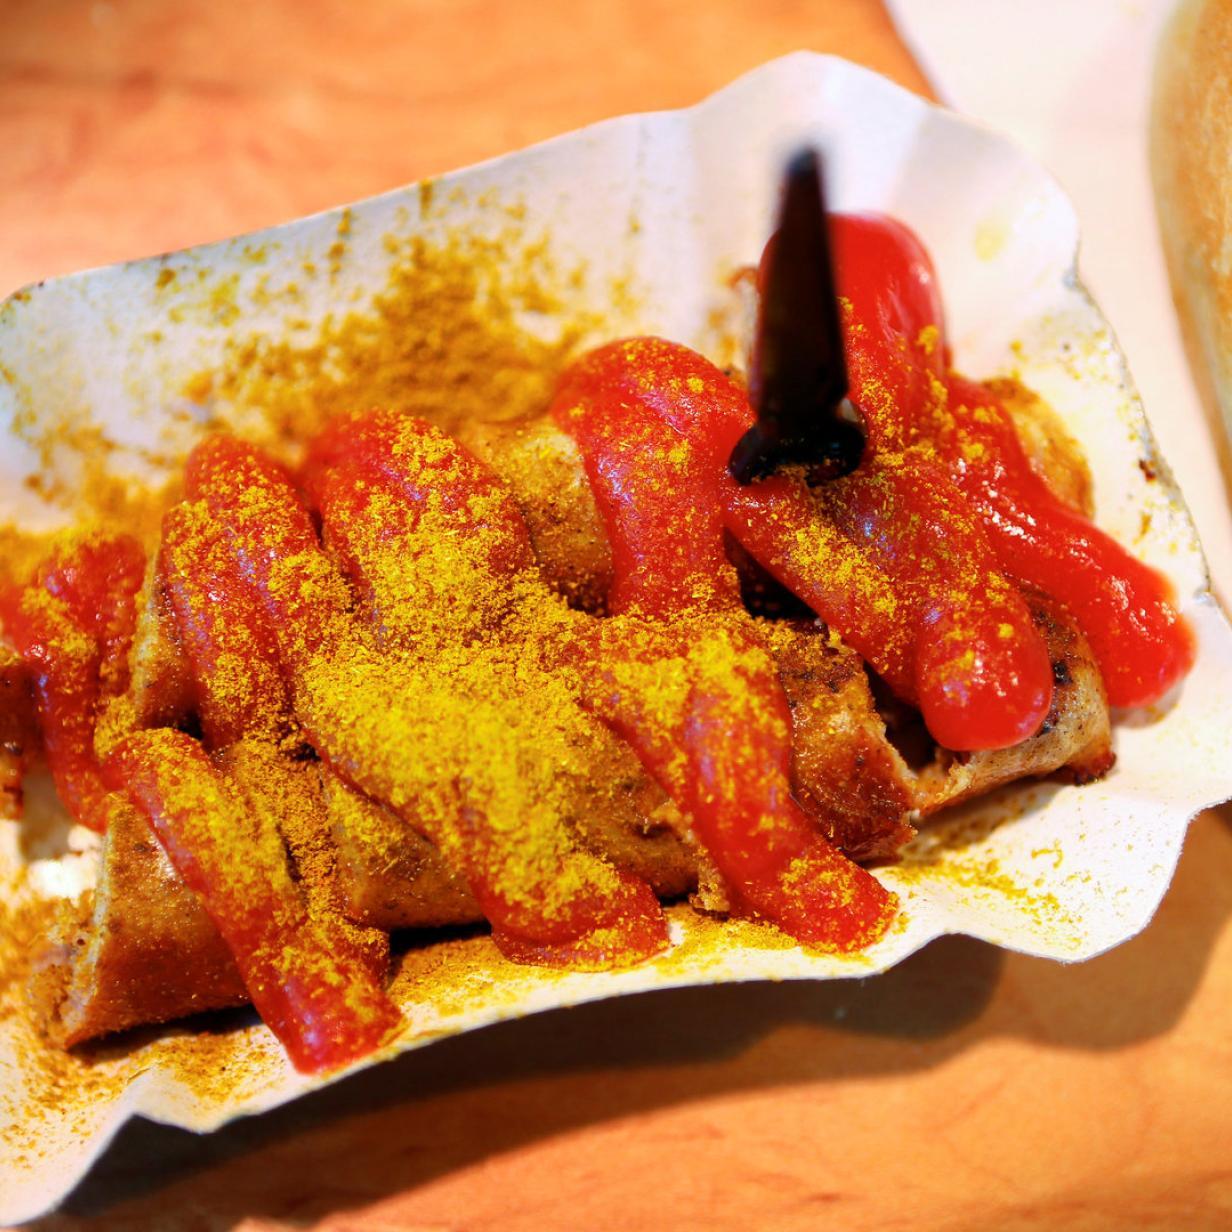 Geschmacksverirrung? Die Currywurst wird 70